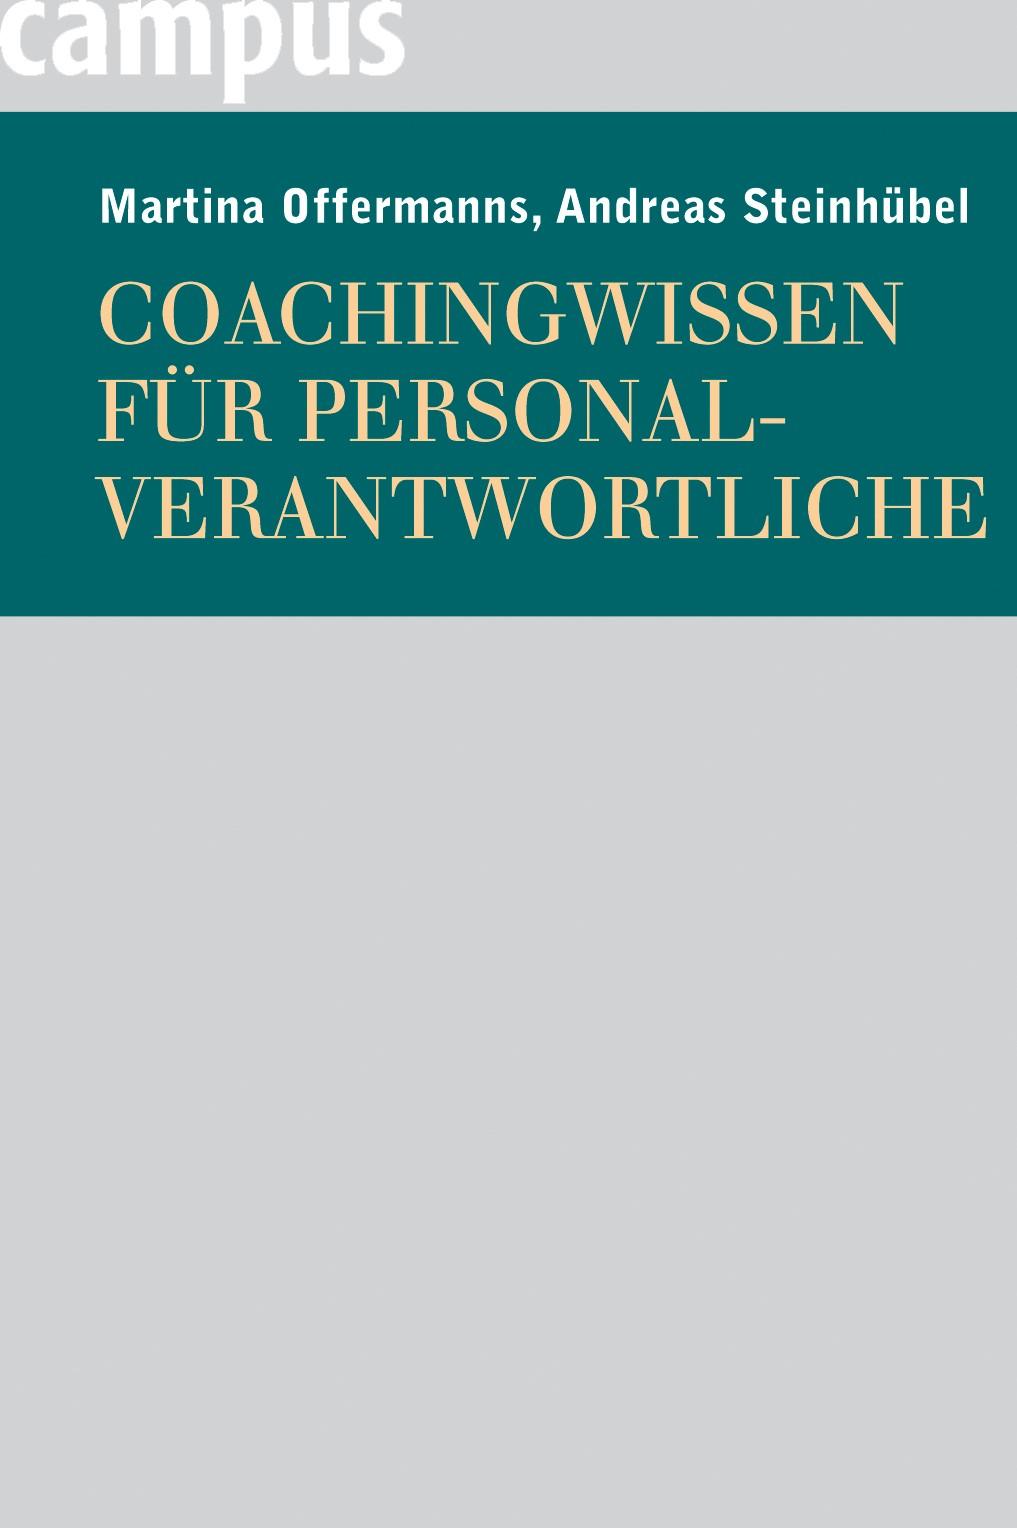 Coachingwissen für Personalverantwortliche   Offermanns / Steinhübel, 2006   Buch (Cover)